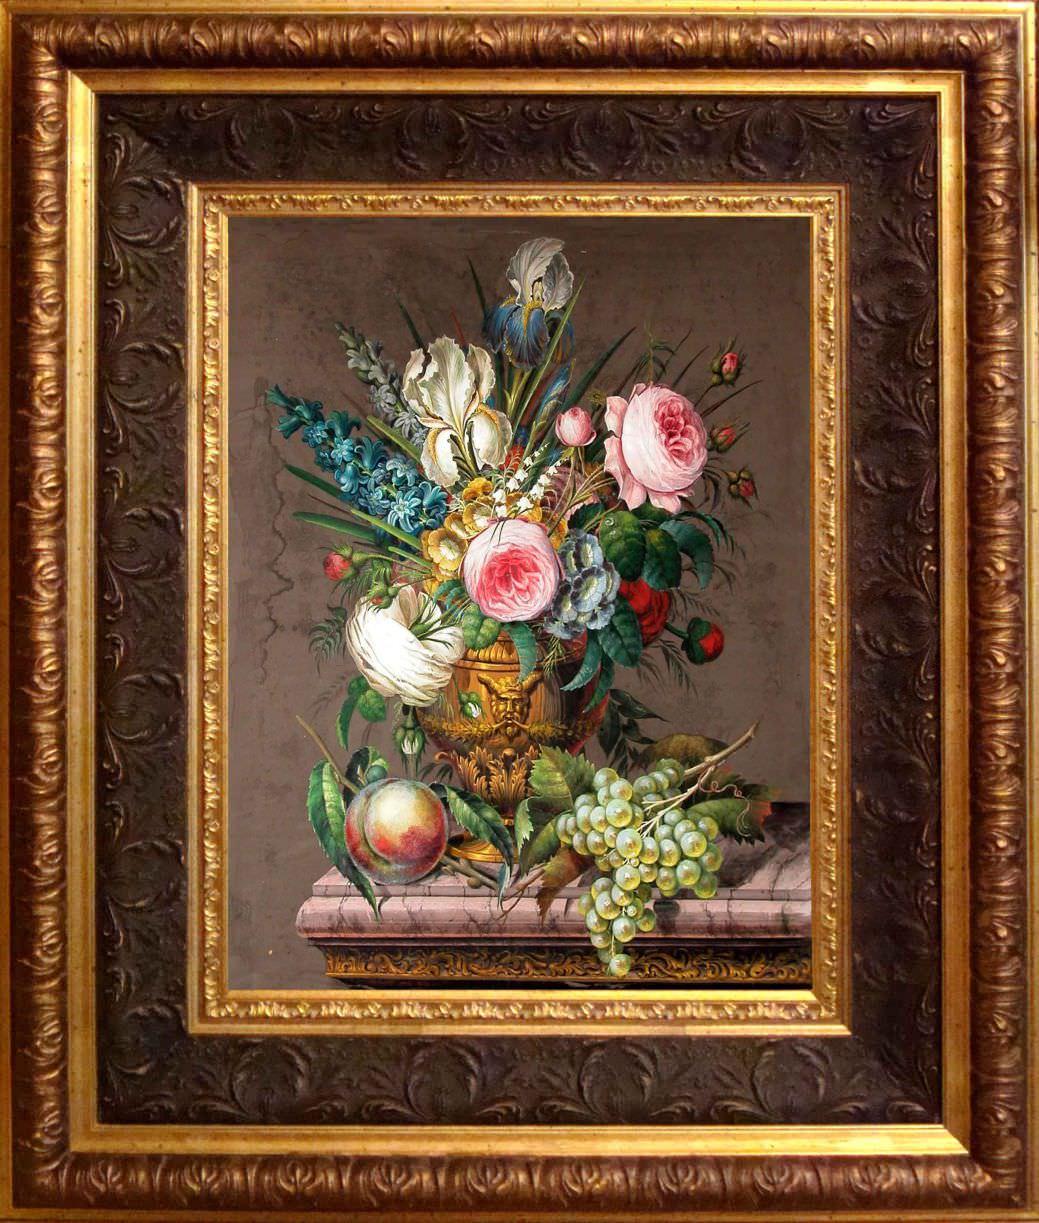 Старинный натюрморт « Букет с виноградом и персиком». Западная Европа, 1839 год.